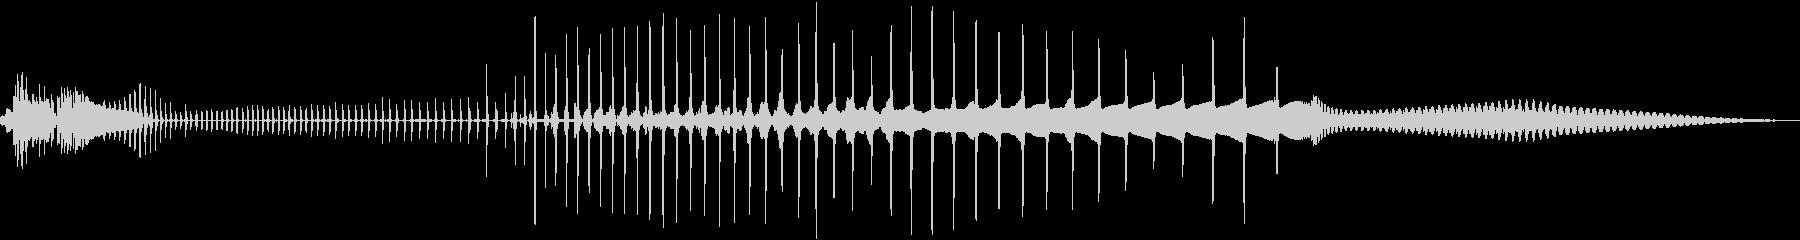 発射音1 レーザーエネルギーチャージの未再生の波形